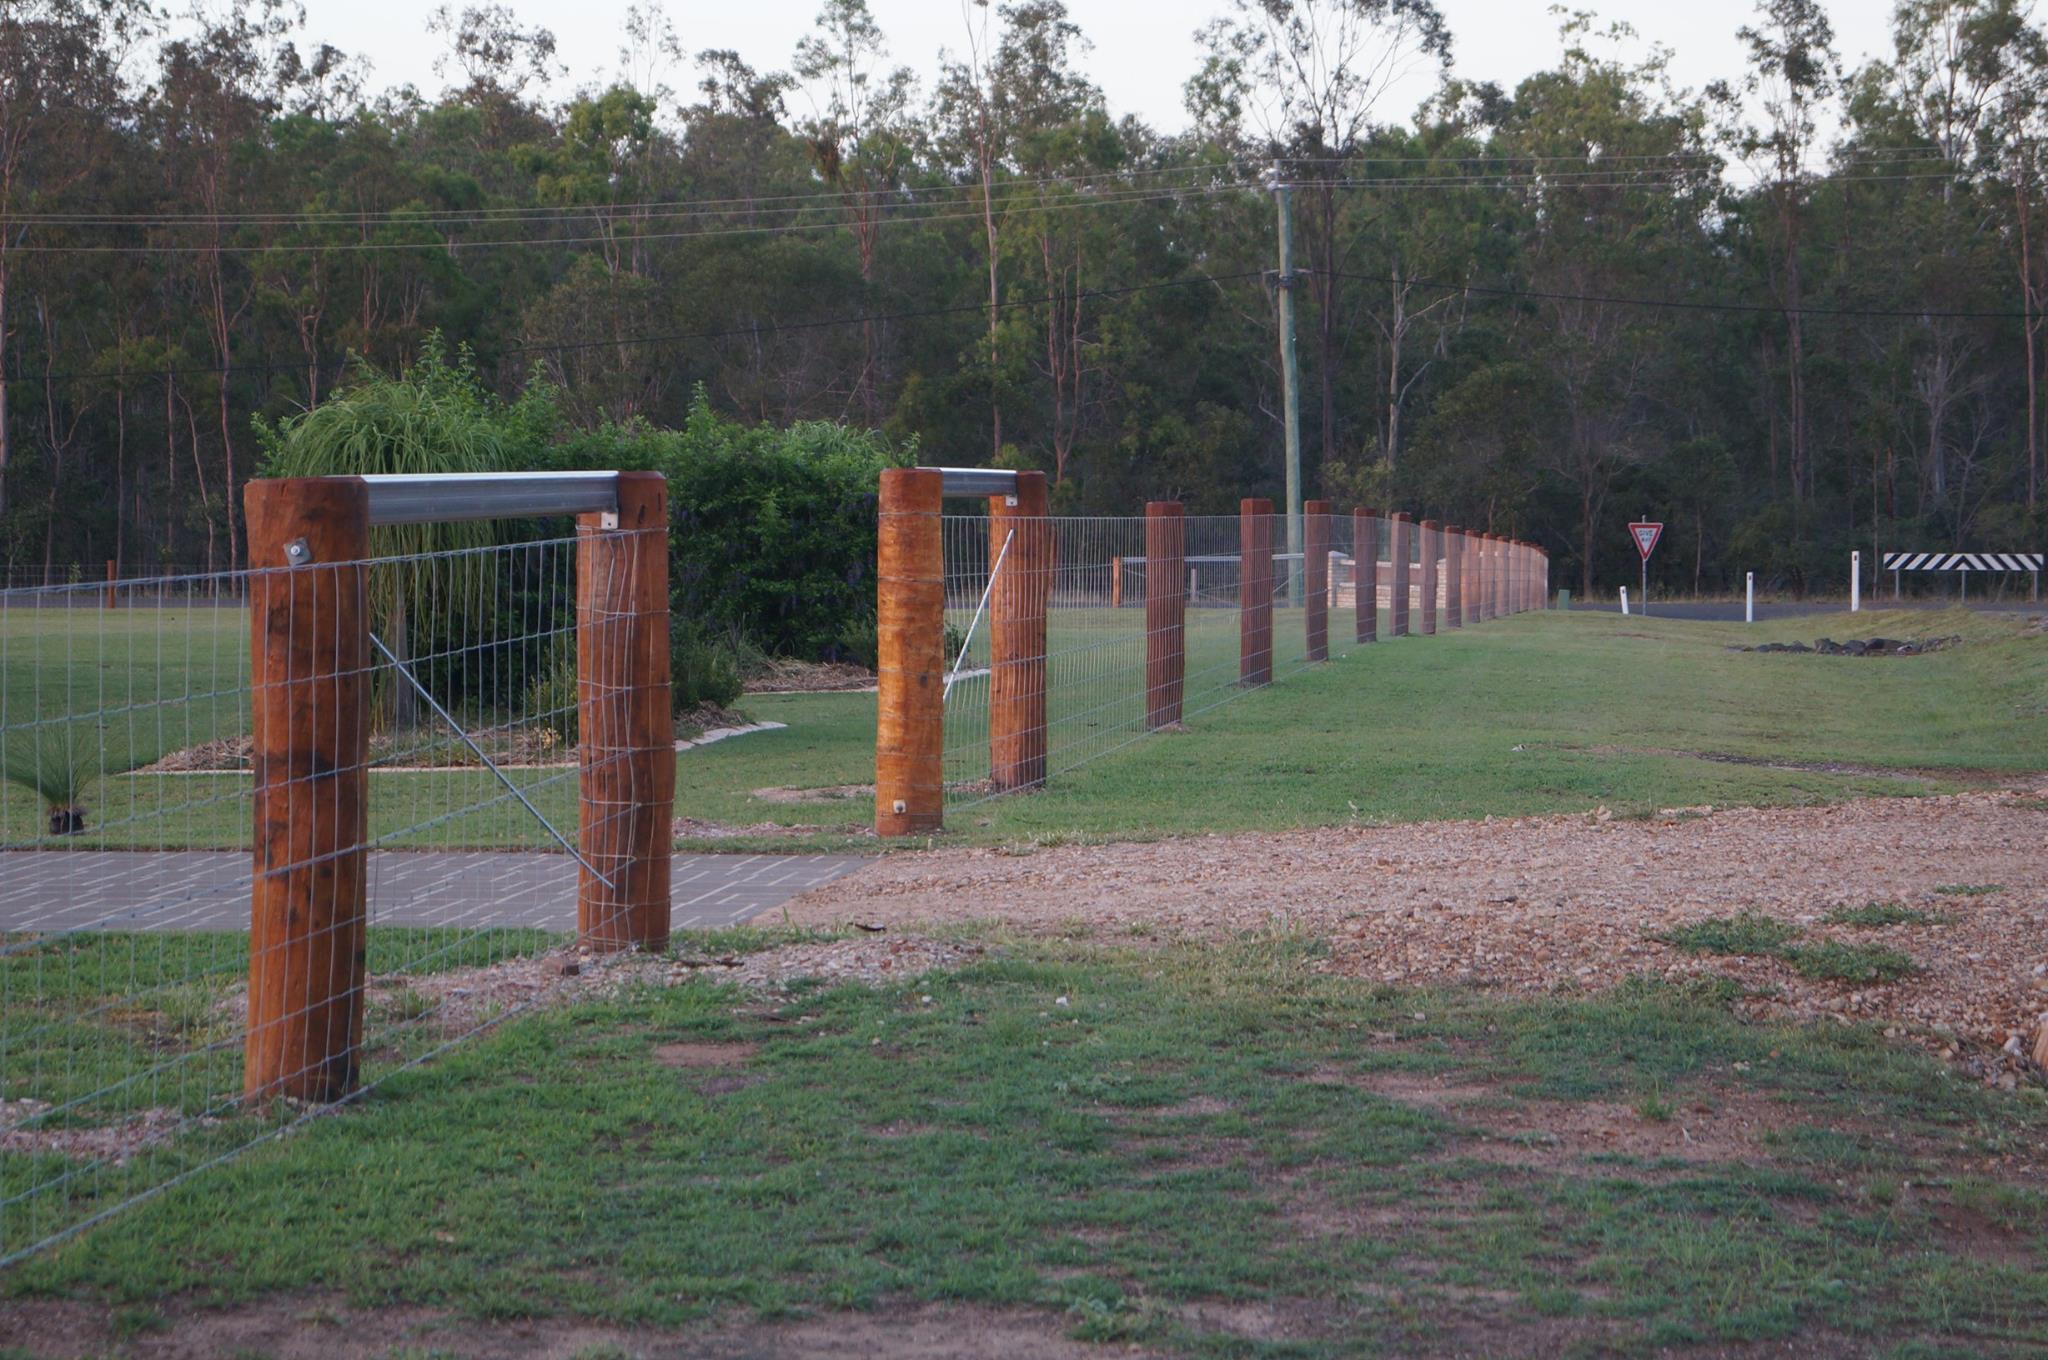 Round posts and mesh